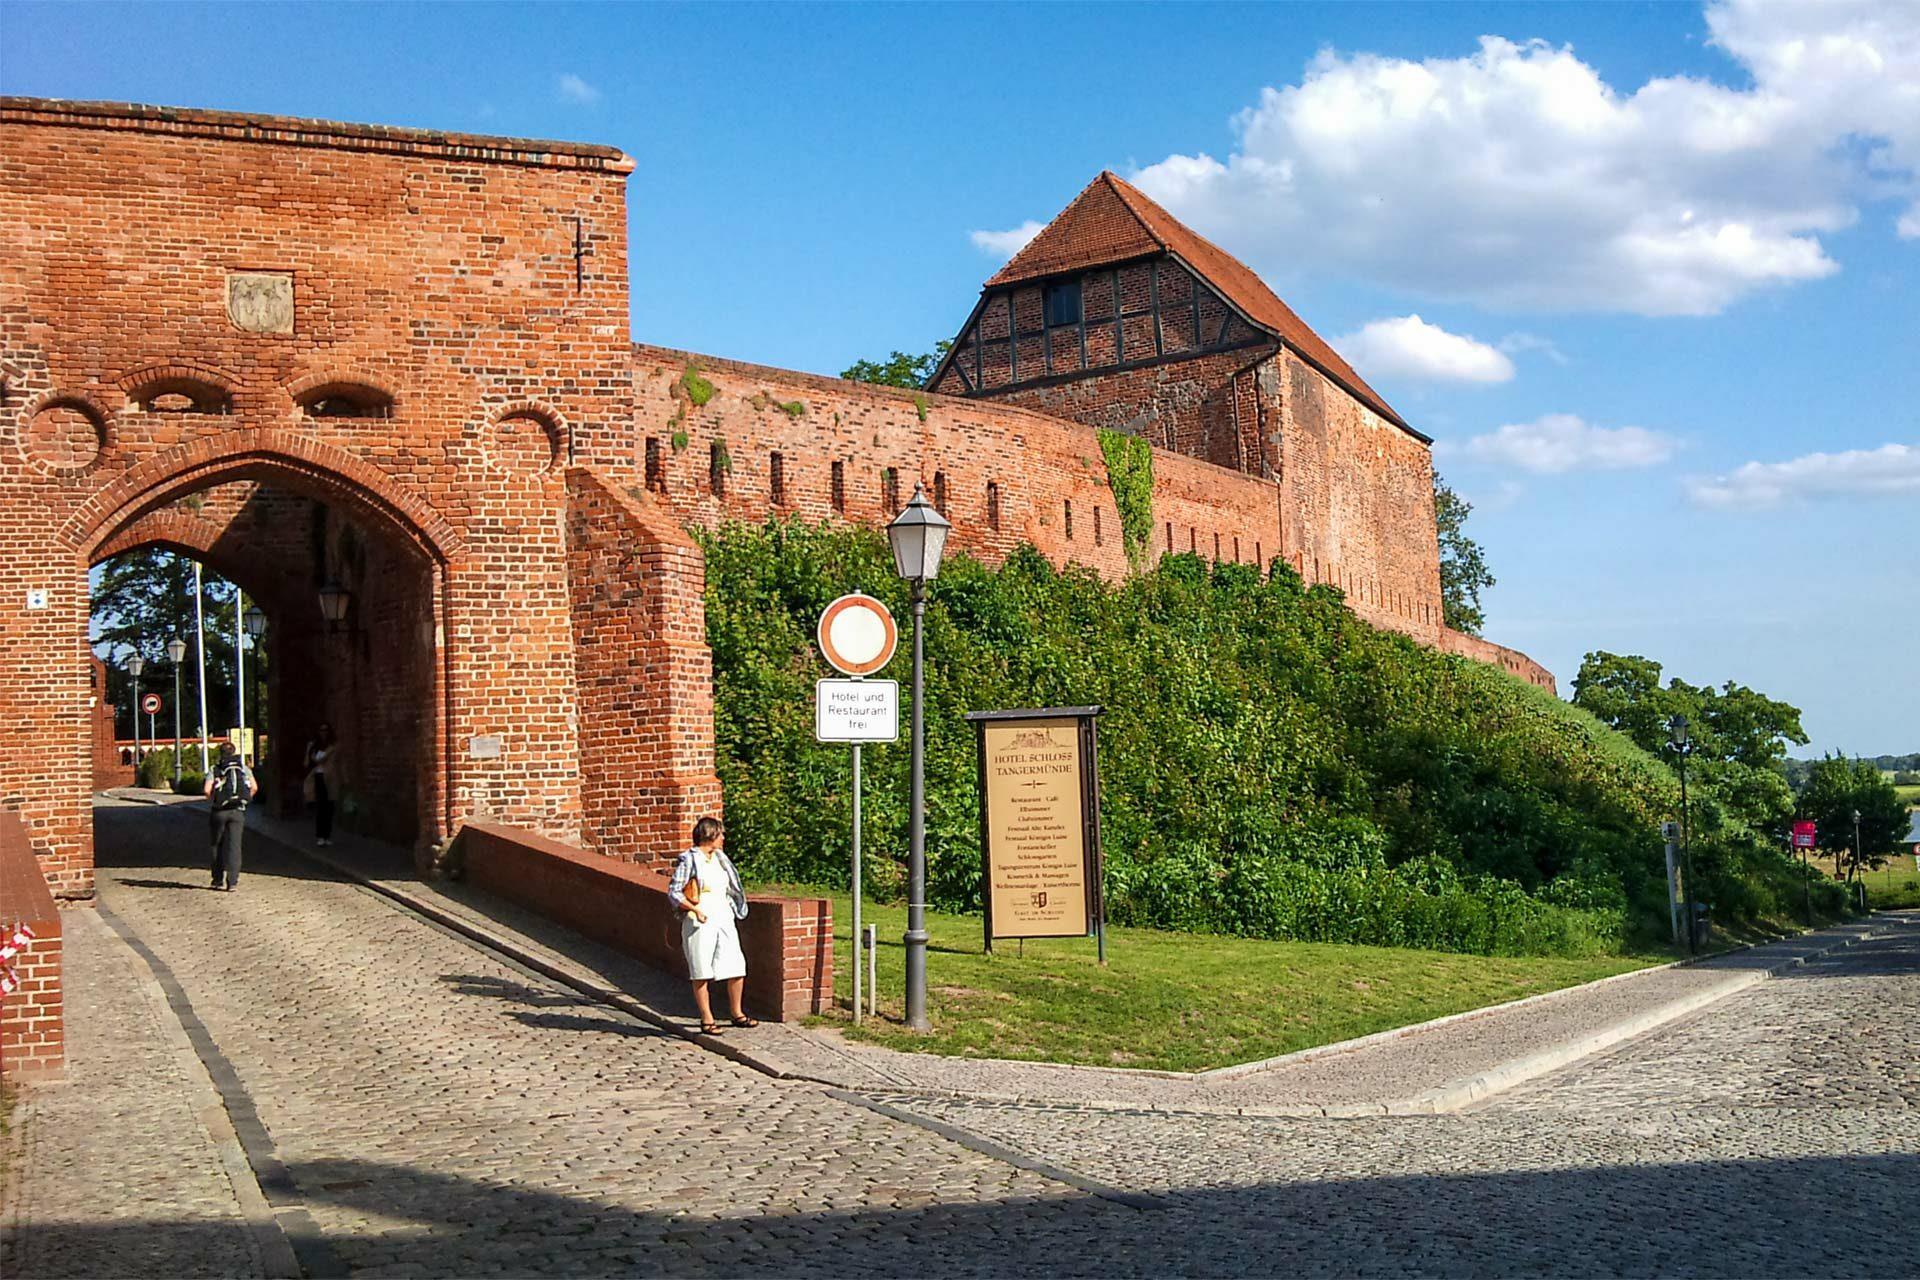 Mittelalterliches Flair trifft neue Mode - Posieren unterm Strassenschild... Und ganz hinten die Elbe.